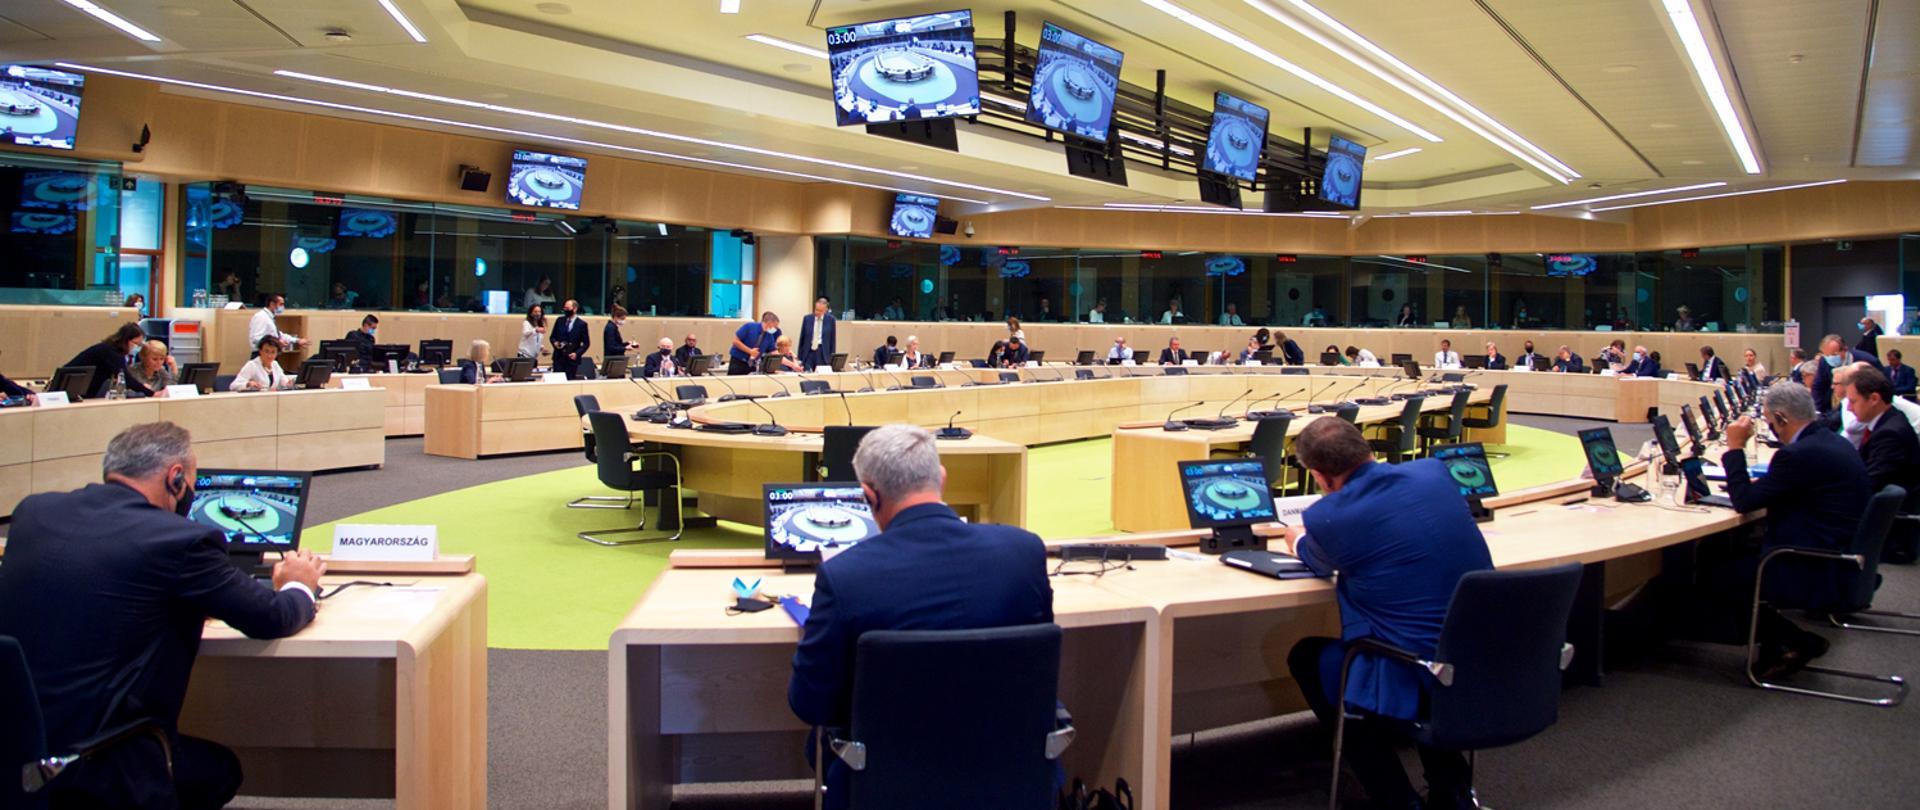 Rada Ministrów rolnictwa UE finalizuje ustalenia dotyczące reformy WPR po 2020 r.